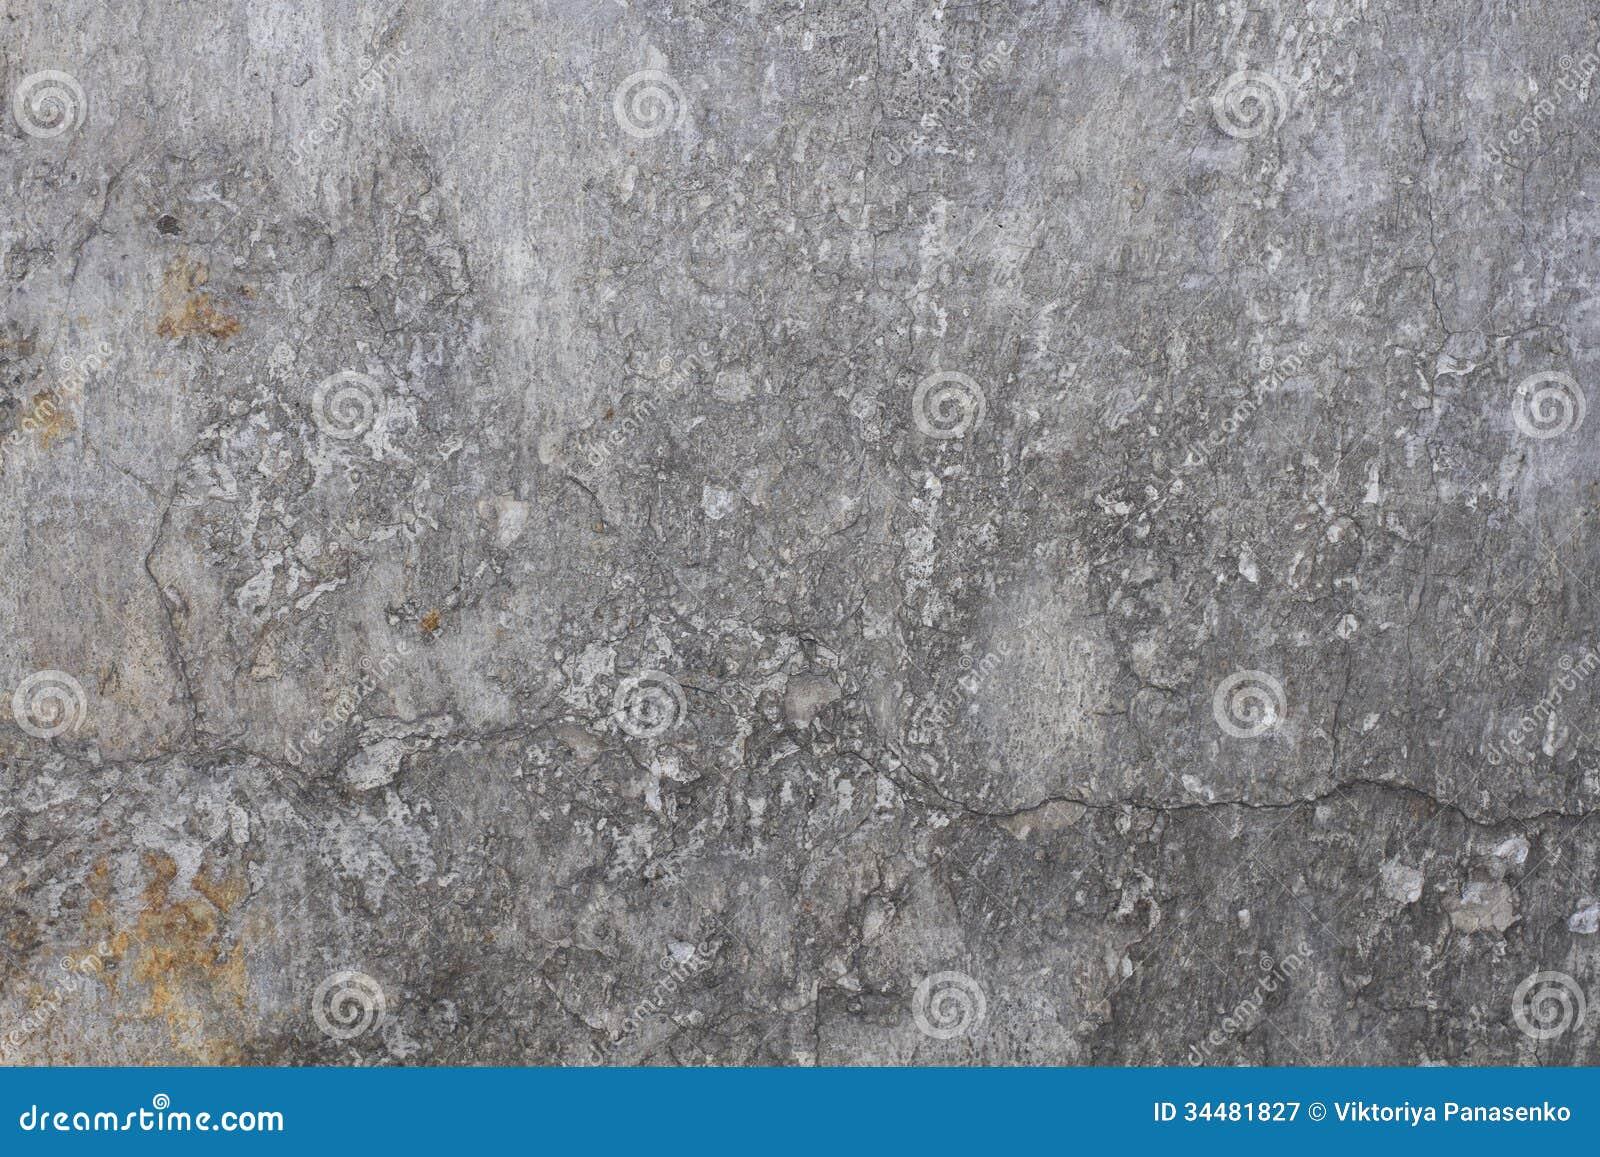 fissures dans le mur photographie stock libre de droits image 34481827. Black Bedroom Furniture Sets. Home Design Ideas